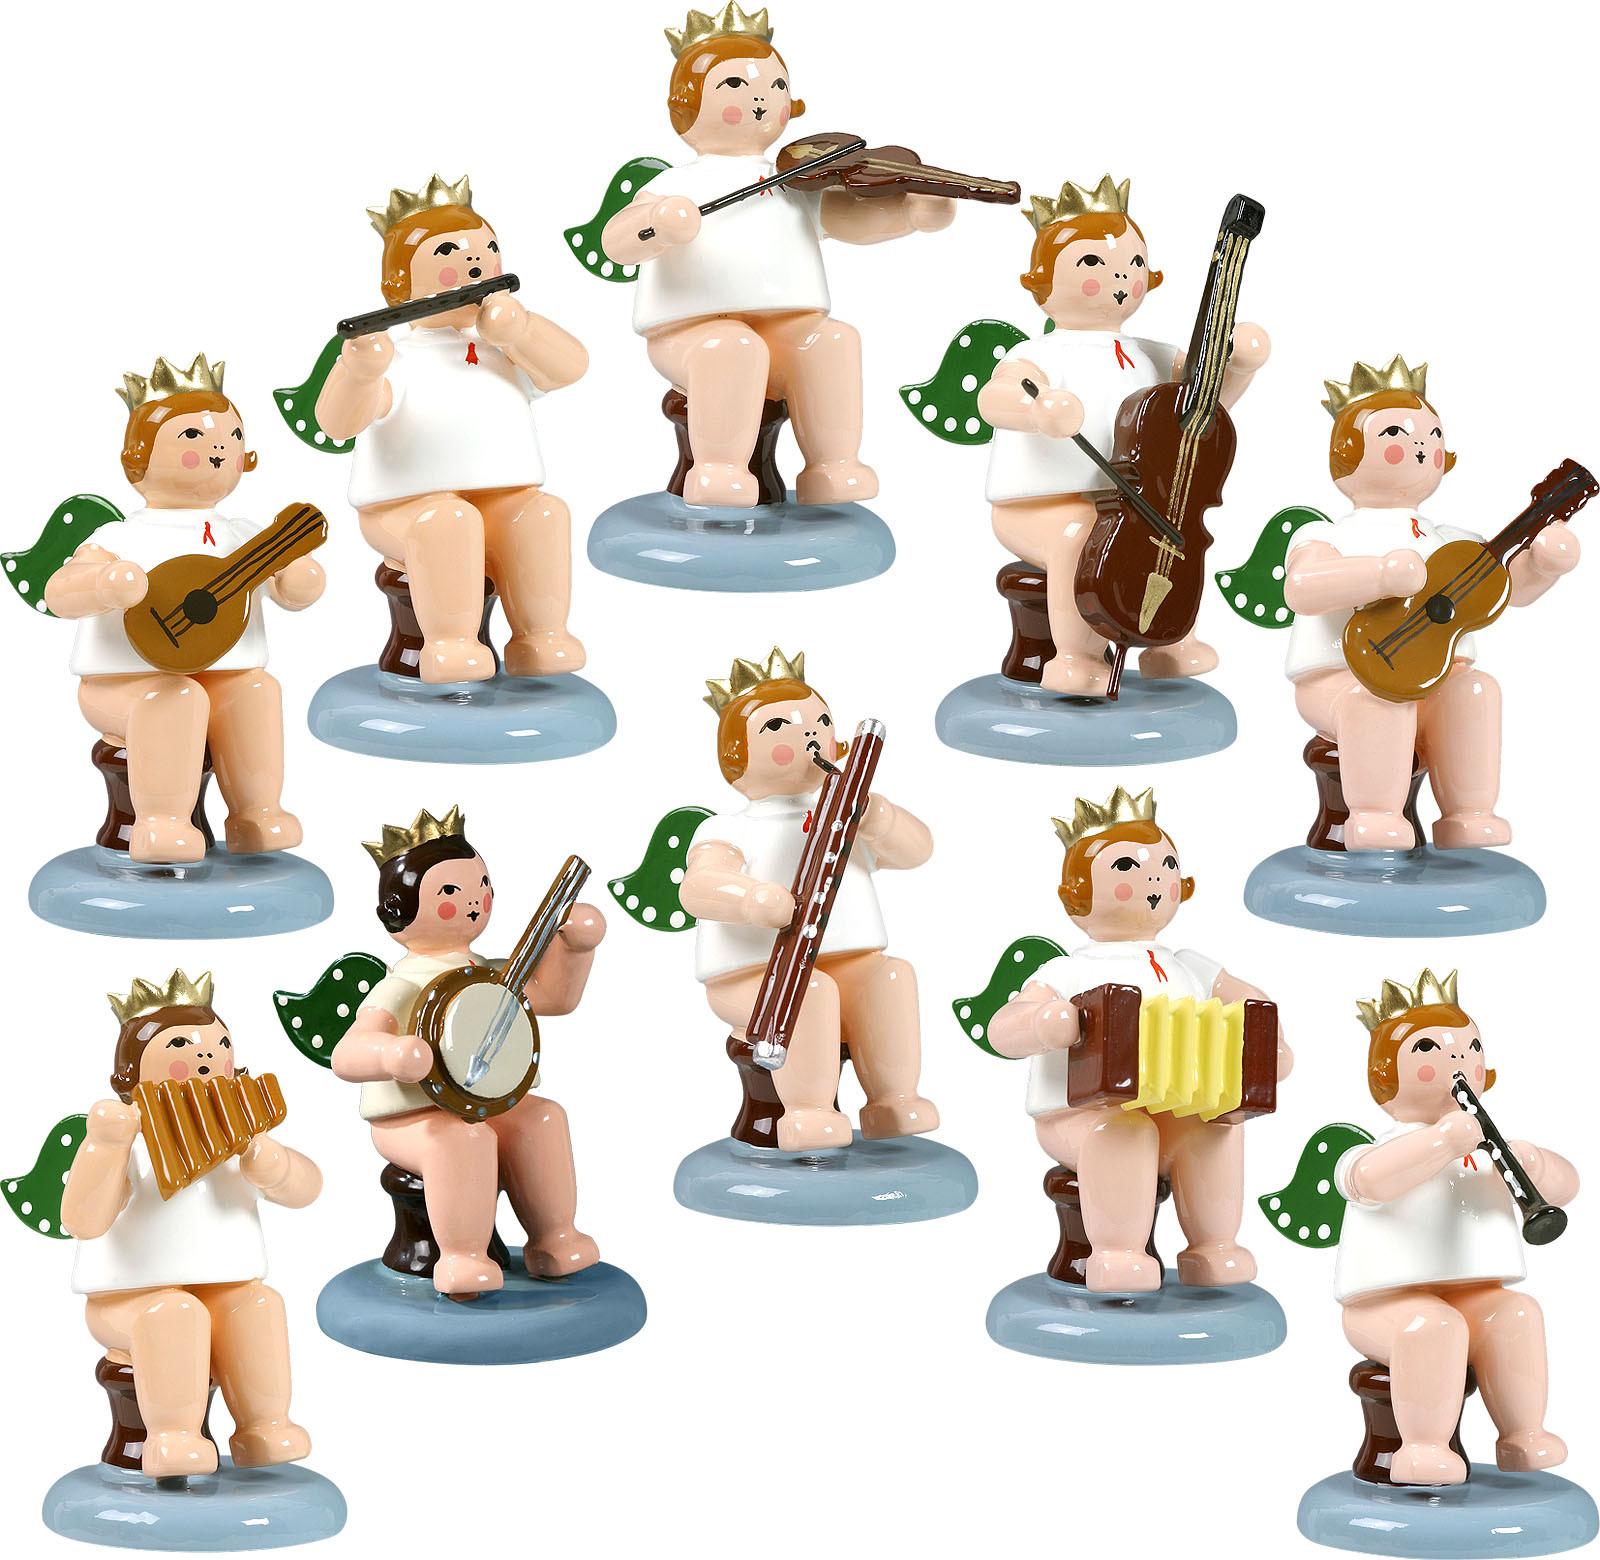 Engelmusikanten, sitzend, 10-teilig, Variante 2 - mit Krone